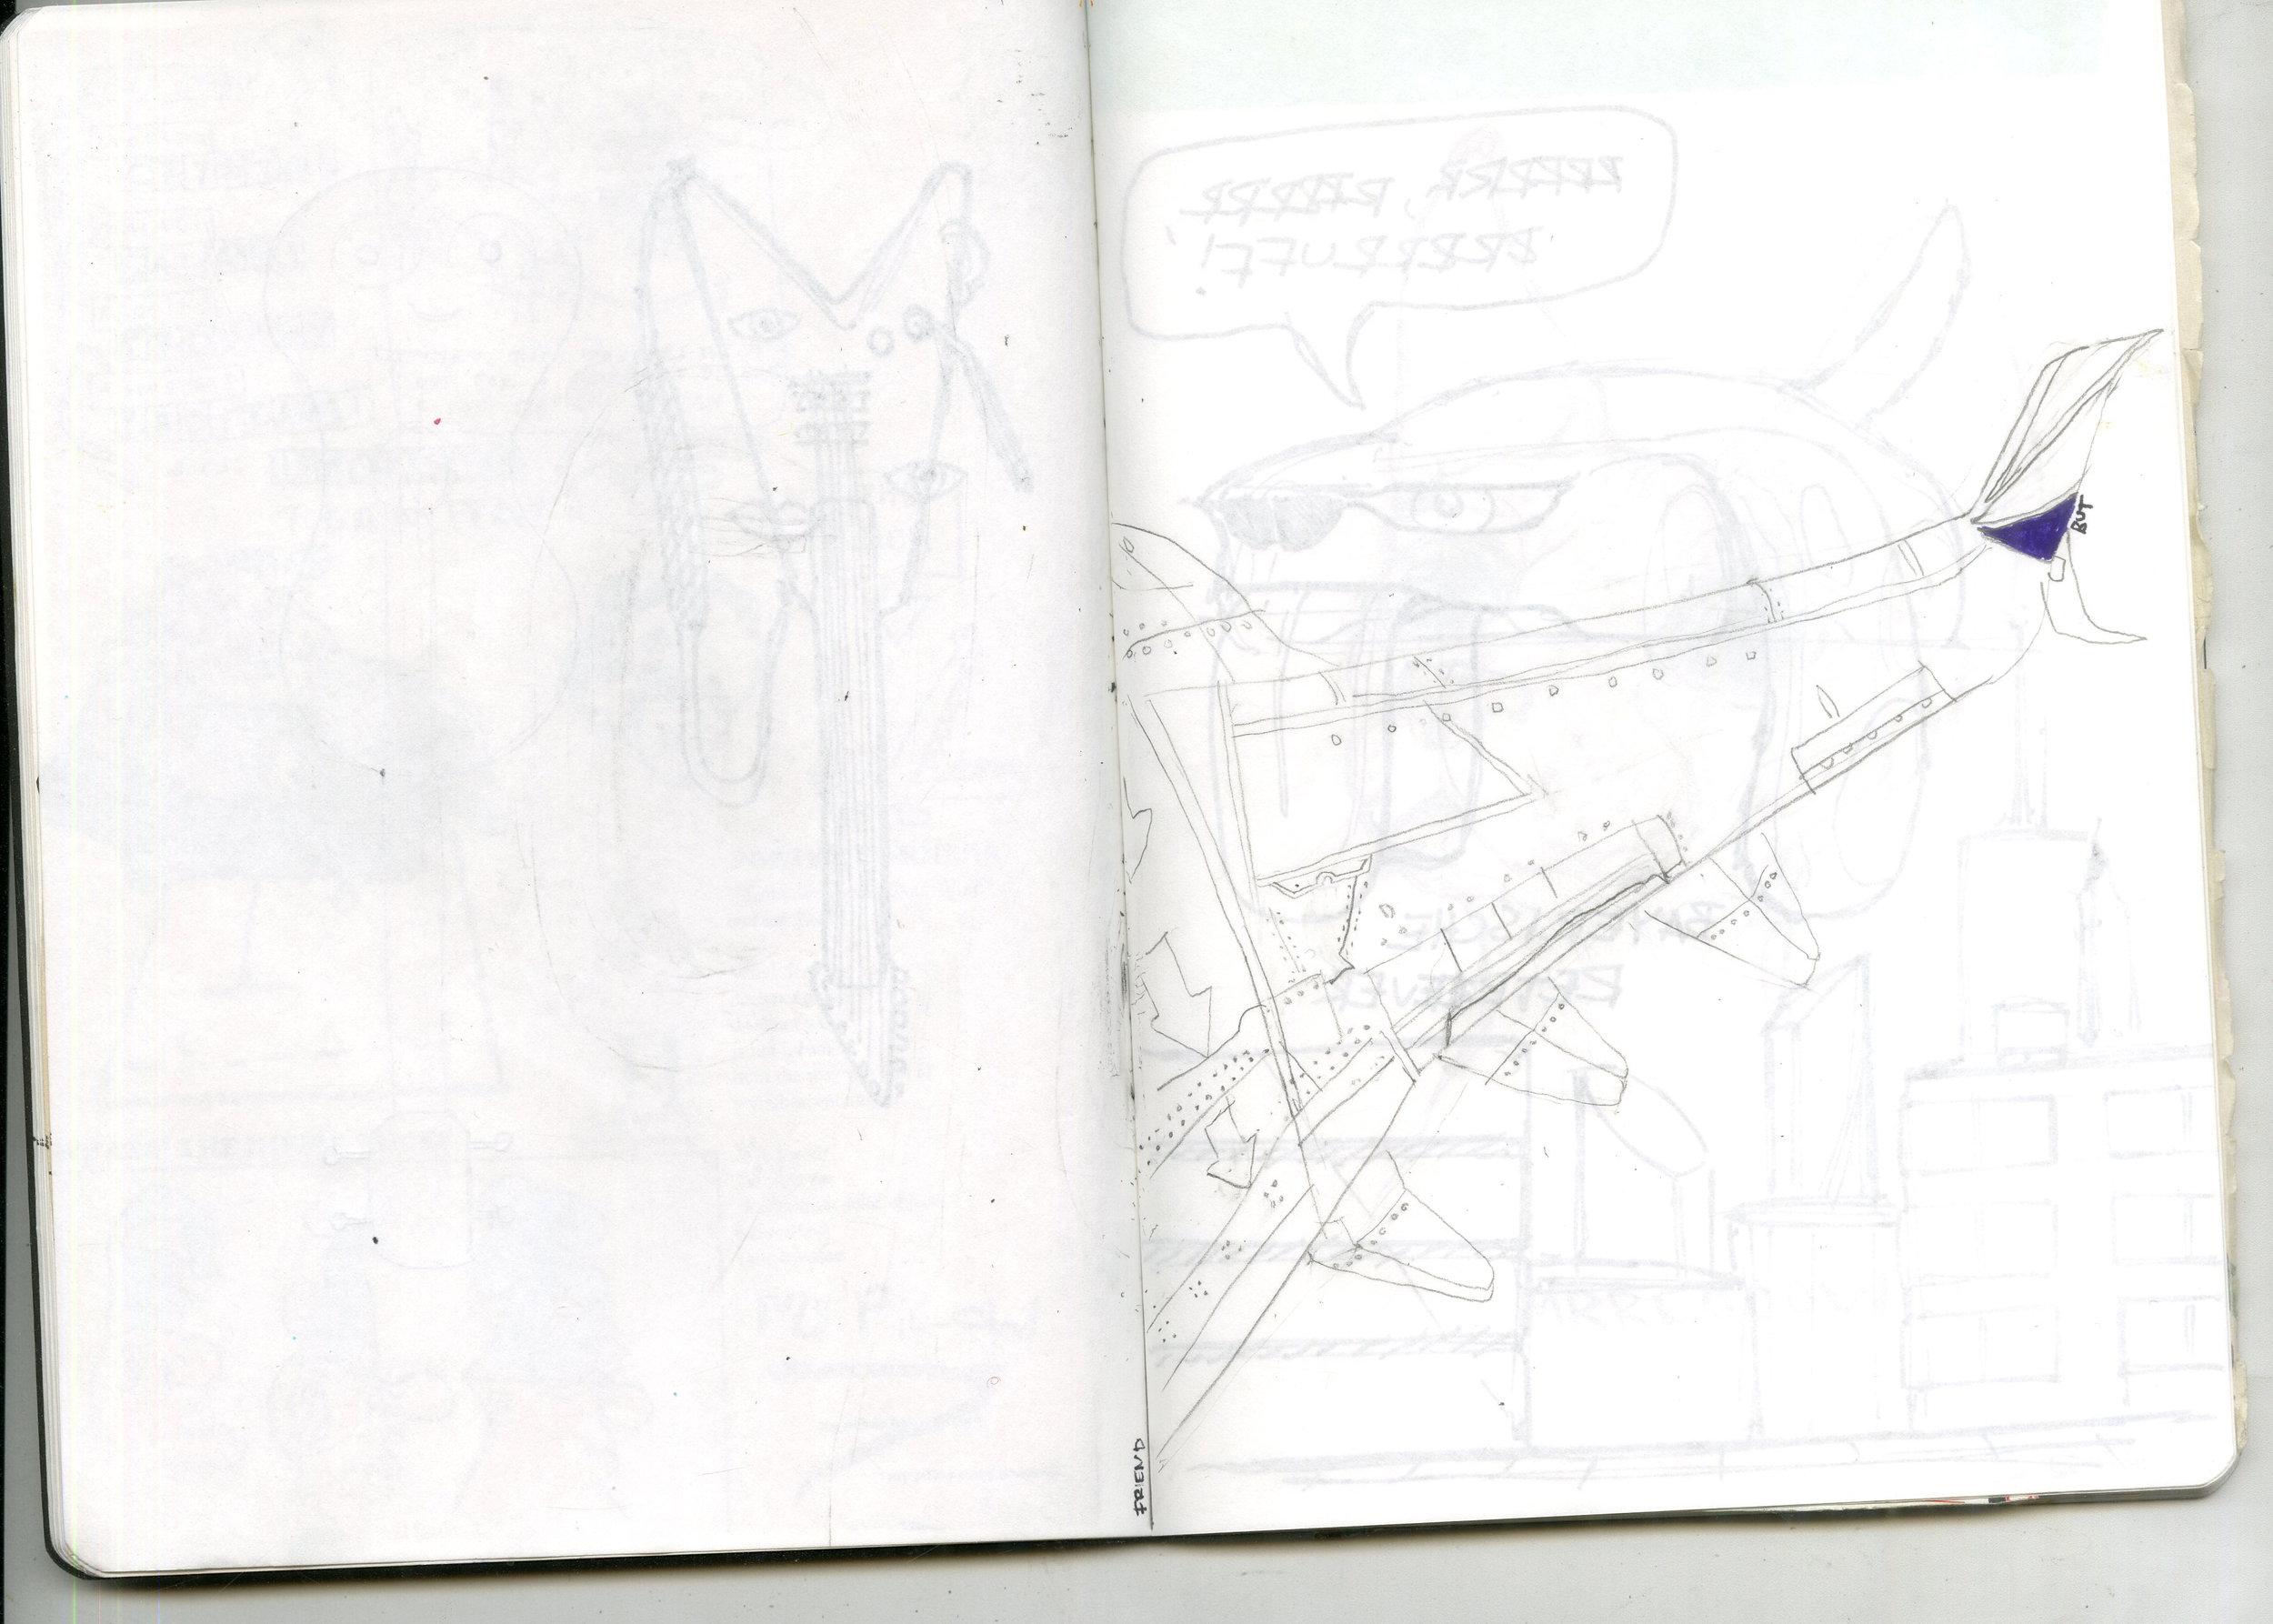 sb2-010.jpg